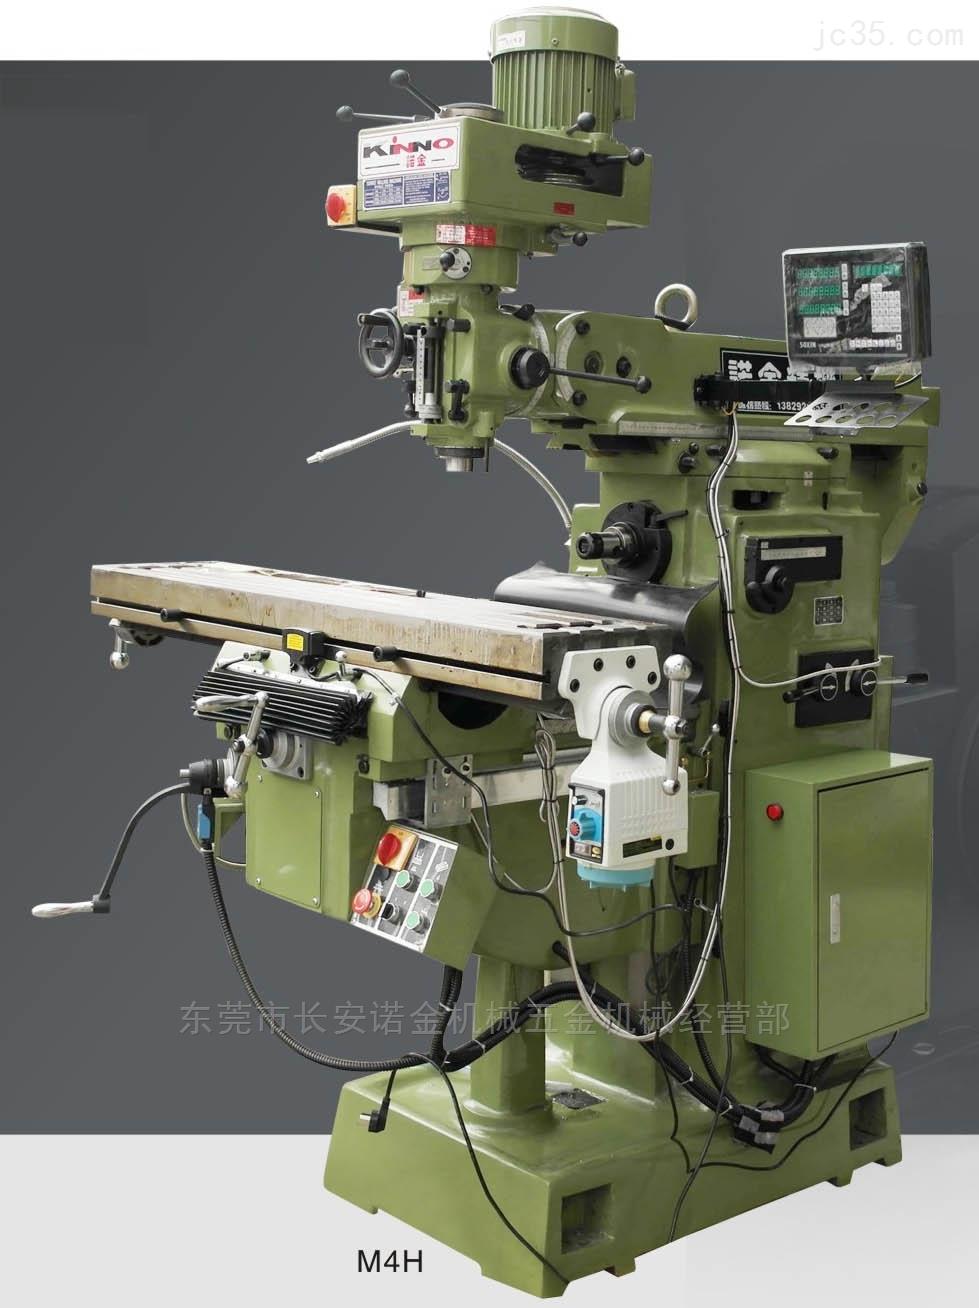 精密立卧式铣床 缝纫机、五金工具、鞋模、钟表、汽机车、散热片等金属零件加工功能zui强大机型 主轴精度0.002-0.004mm 导轨高频处理深度0.5mm 机械特点:  台湾组装高精密立铣头,进口强力卧铣轴,配合日本进口NSK P4级主轴专用轴承,精度高,稳定性强。  机身米汉纳高强度铸件,高刚性,高精度,高耐磨性,超厚度淬火工作台,调质加硬热处理、导轨经精密研磨  导轨加贴TURCITE-B高耐磨片,平滑顺畅,经久耐用。  正宗台湾精湛铲花工艺,每平方英寸均有16个接触点,提高机床使用寿命。  台湾名